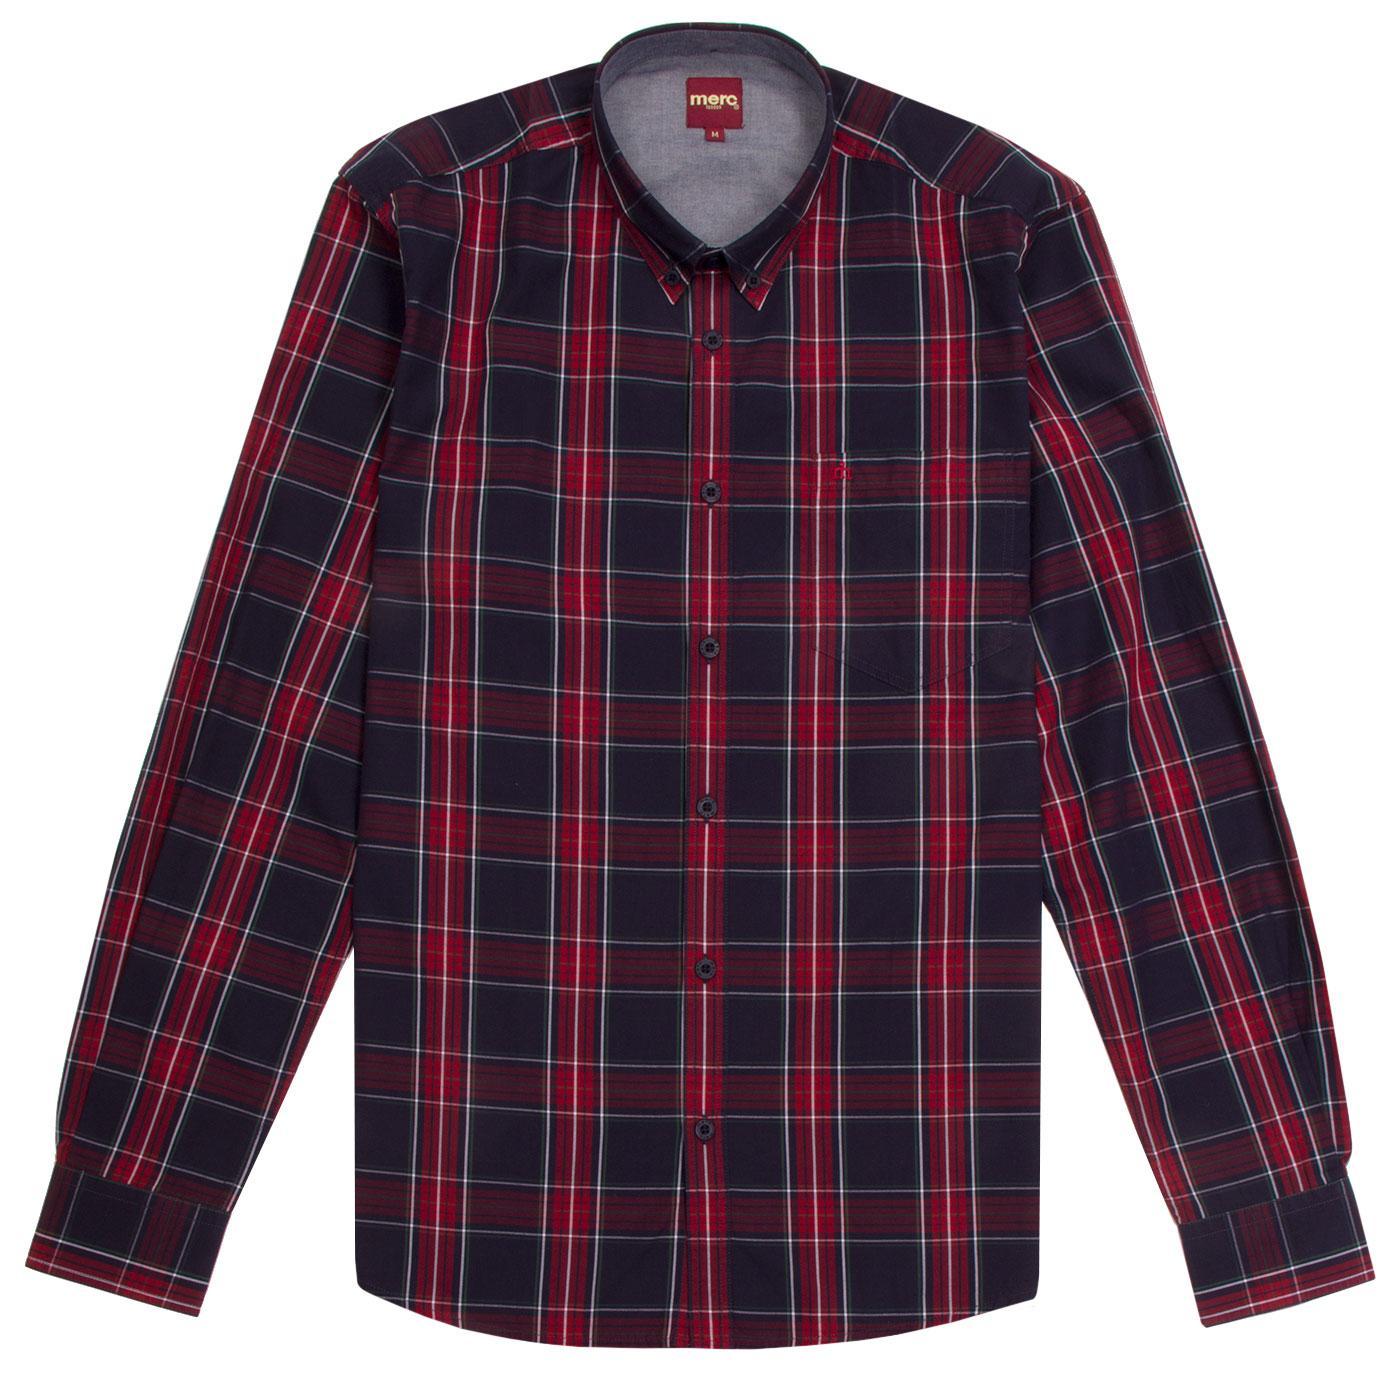 Harcourt MERC Mod Tartan Check Button Down Shirt